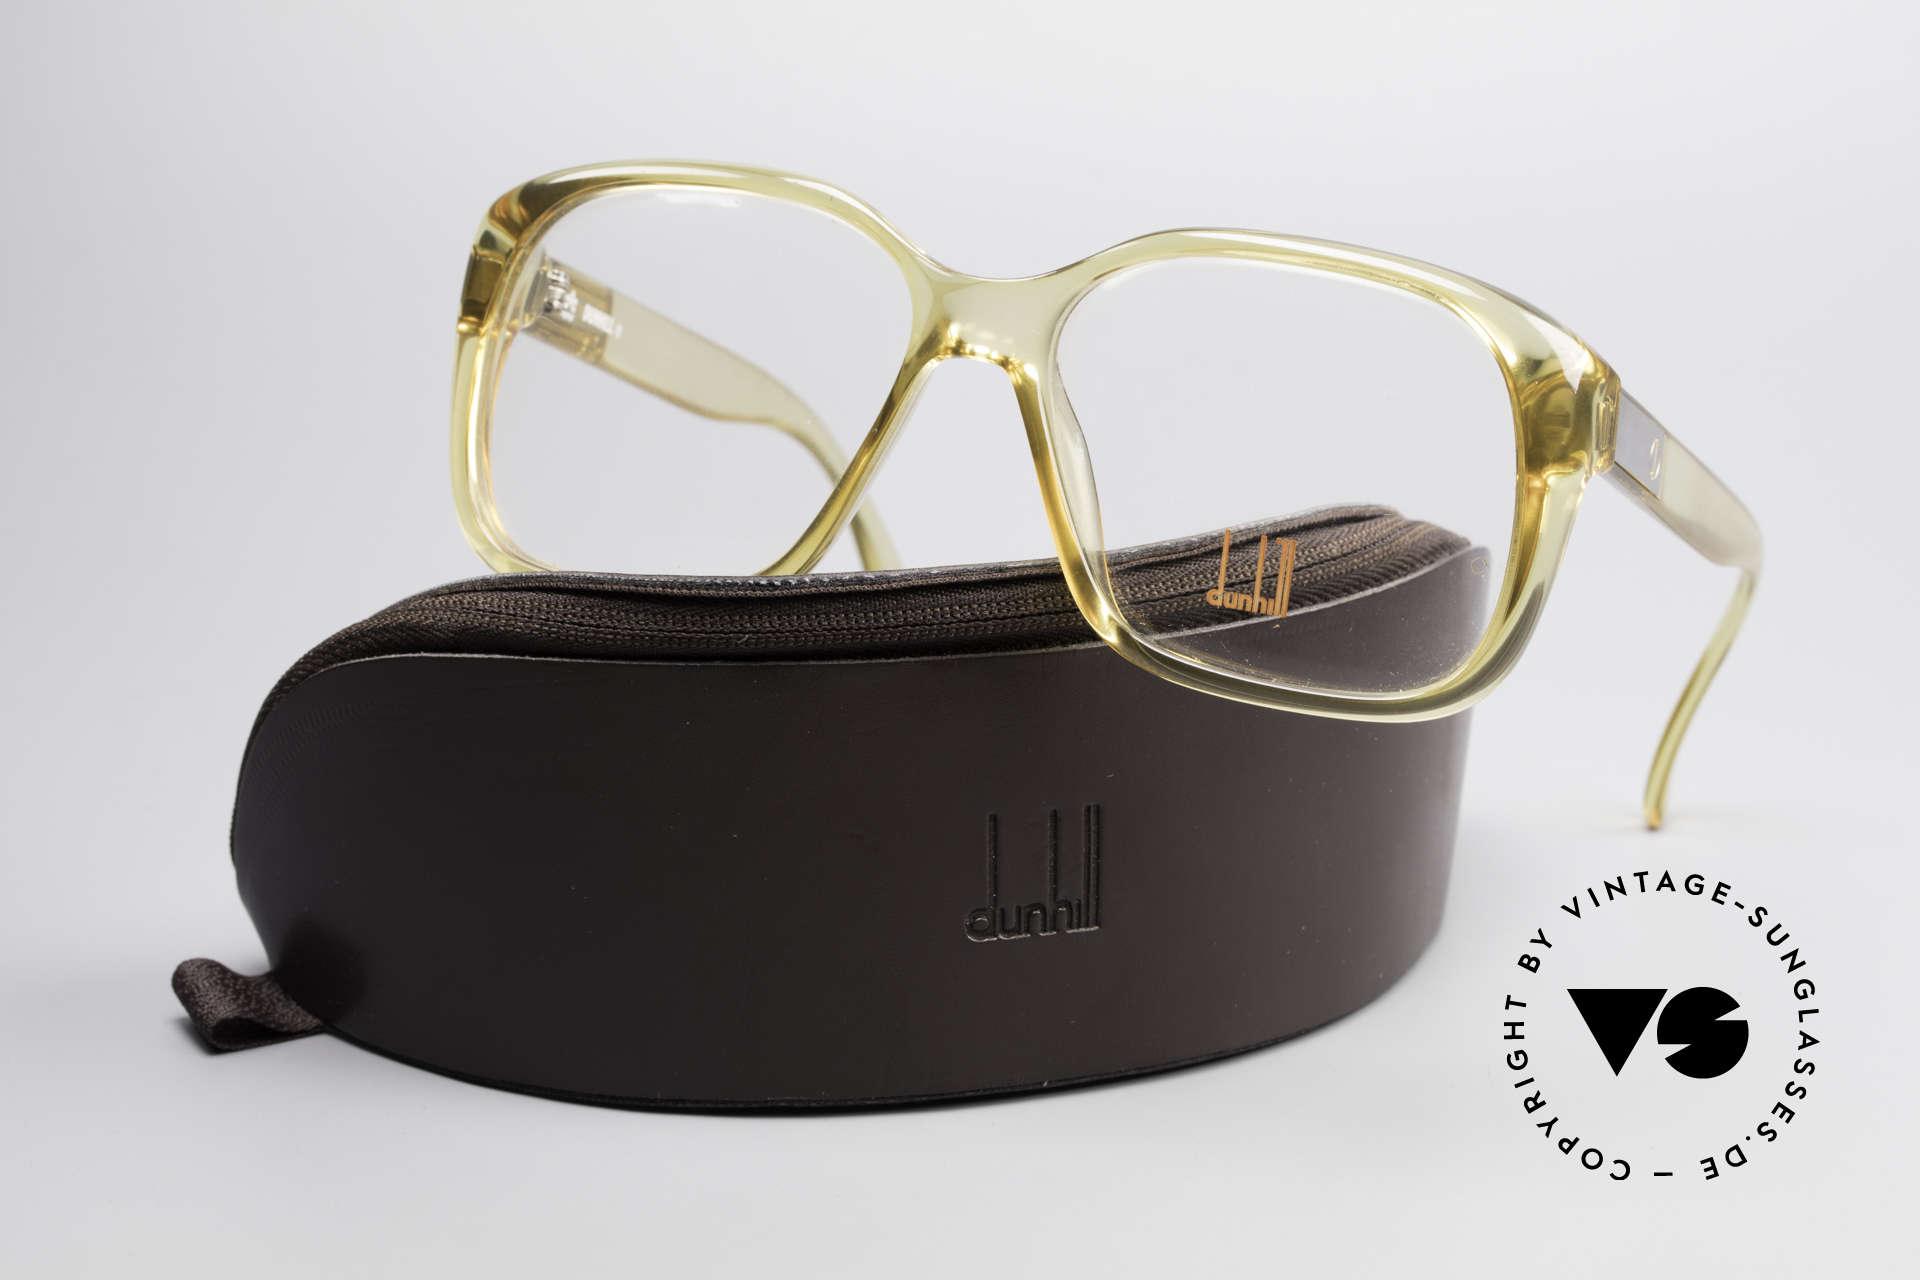 Dunhill 6013 80er Old School Goliath Brille, KEINE retro Brille; sondern ein altes Original von 1983, Passend für Herren